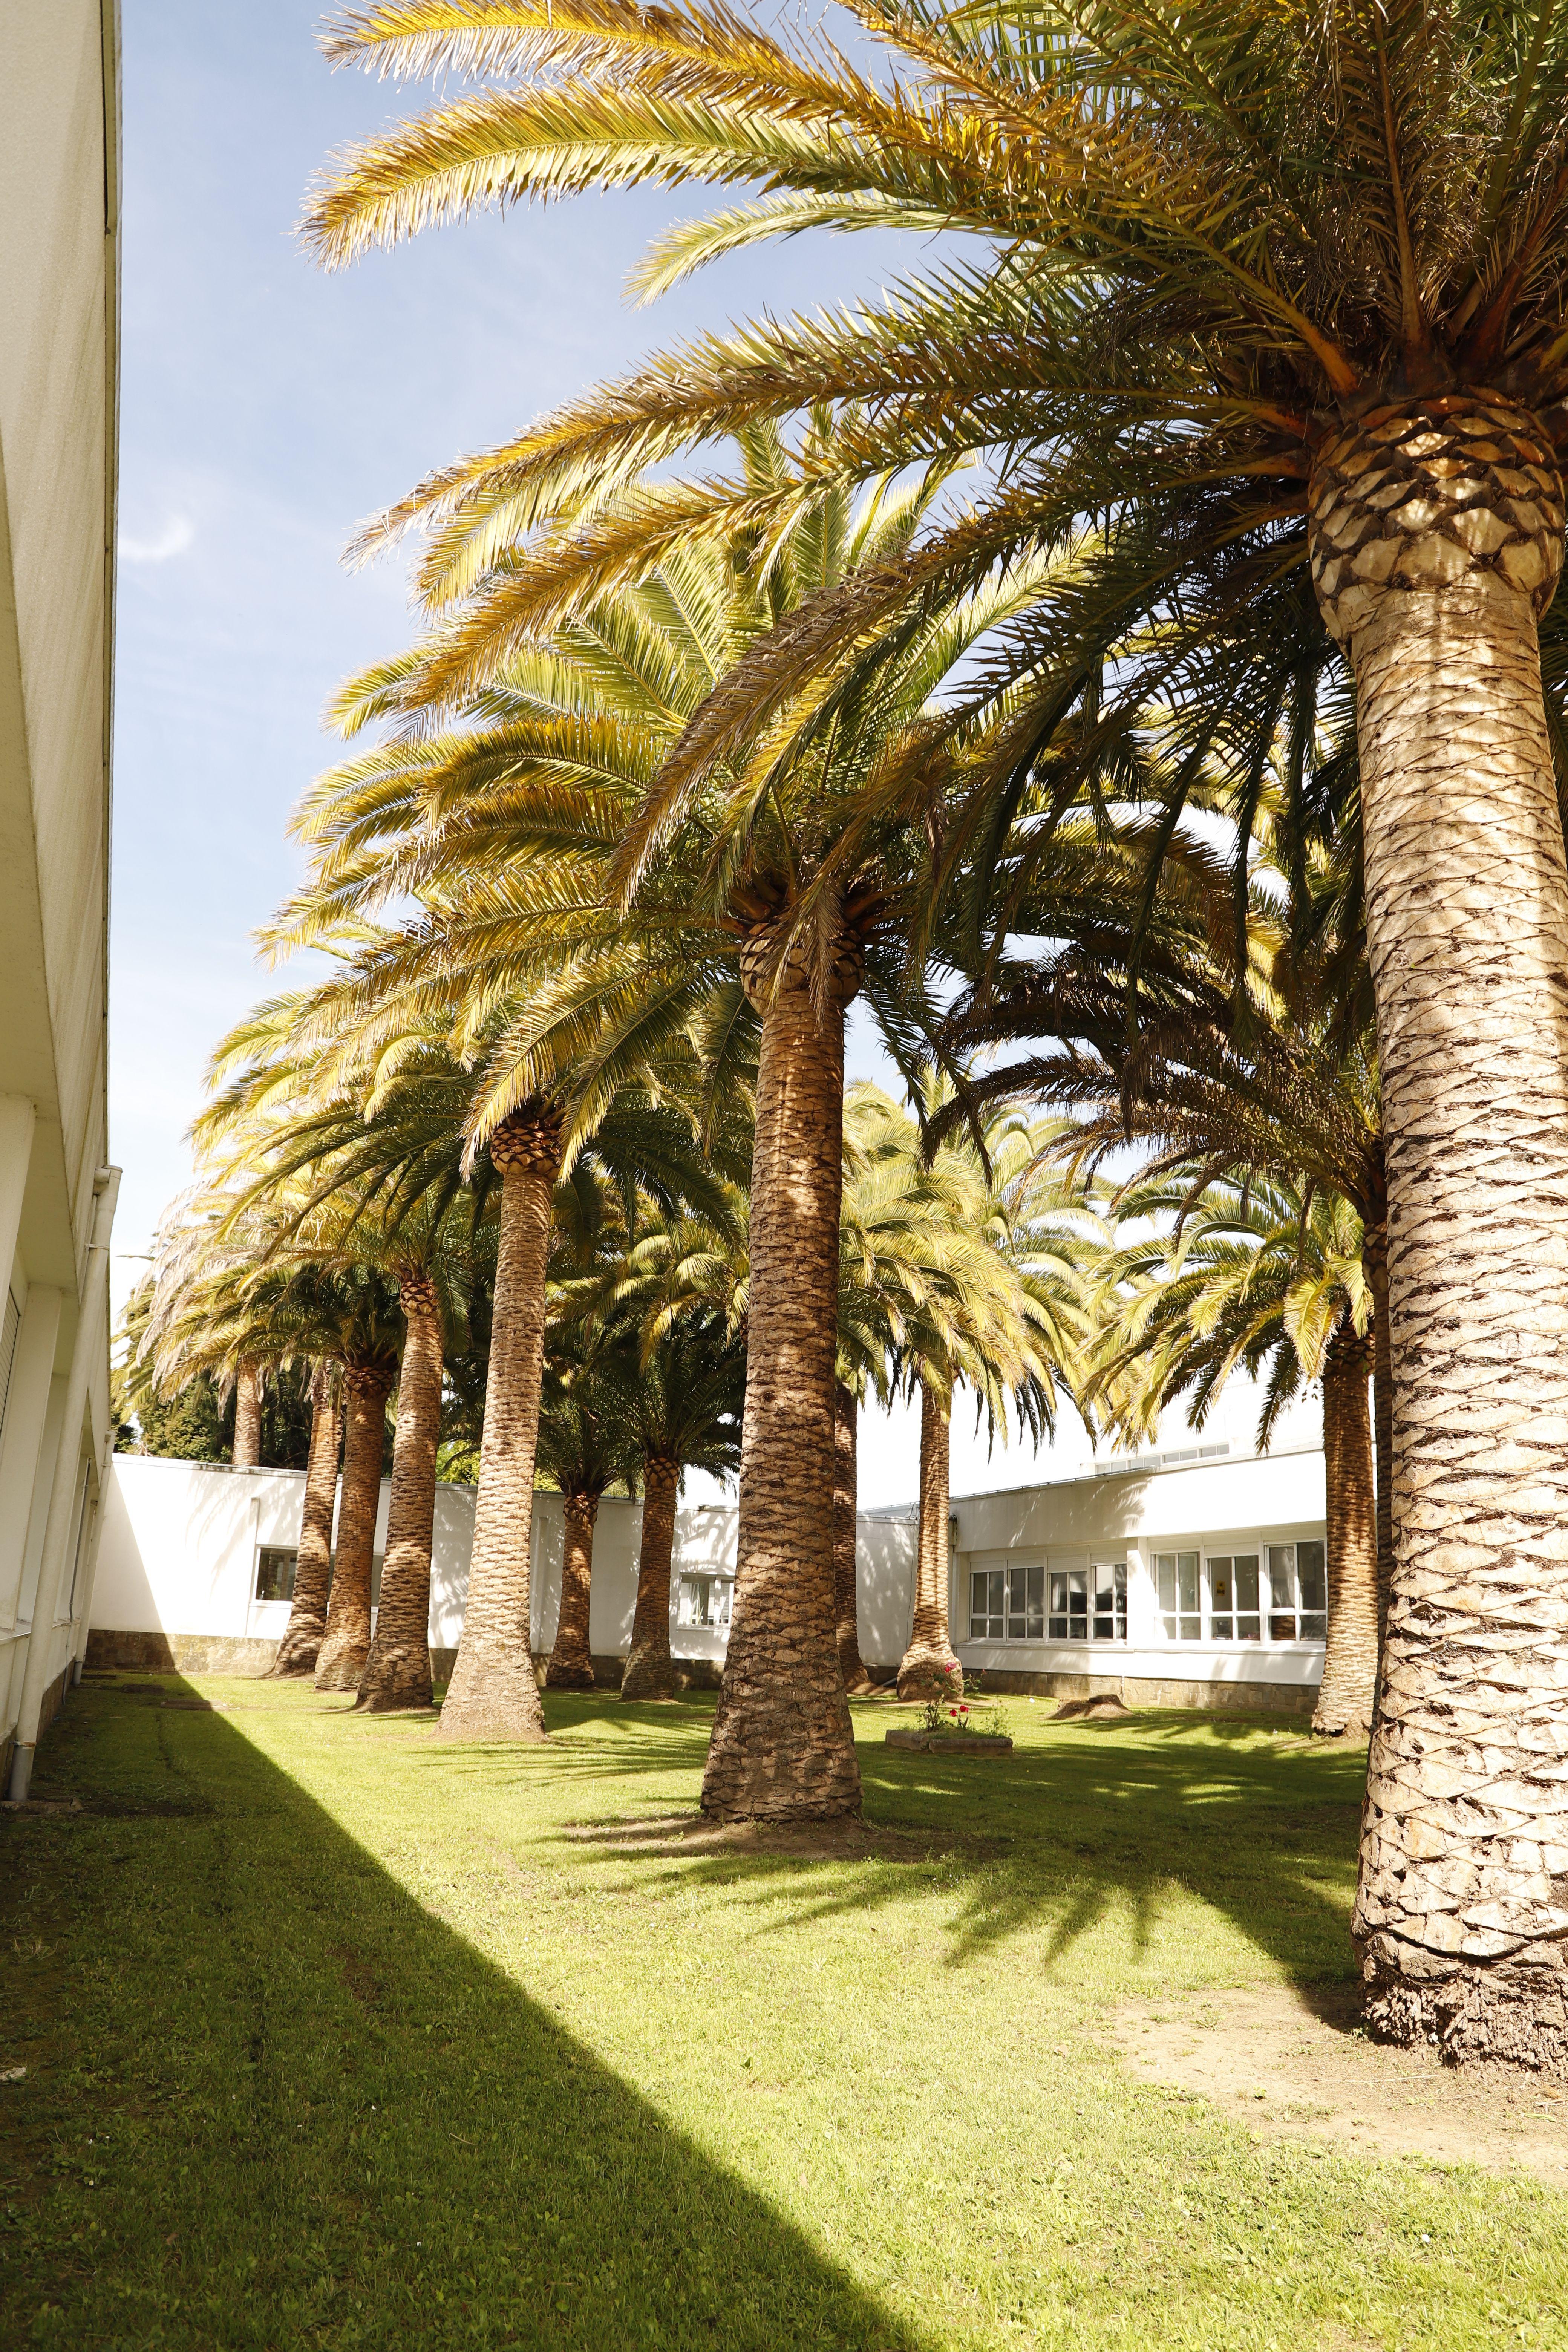 Servicio de jardinería en A Coruña